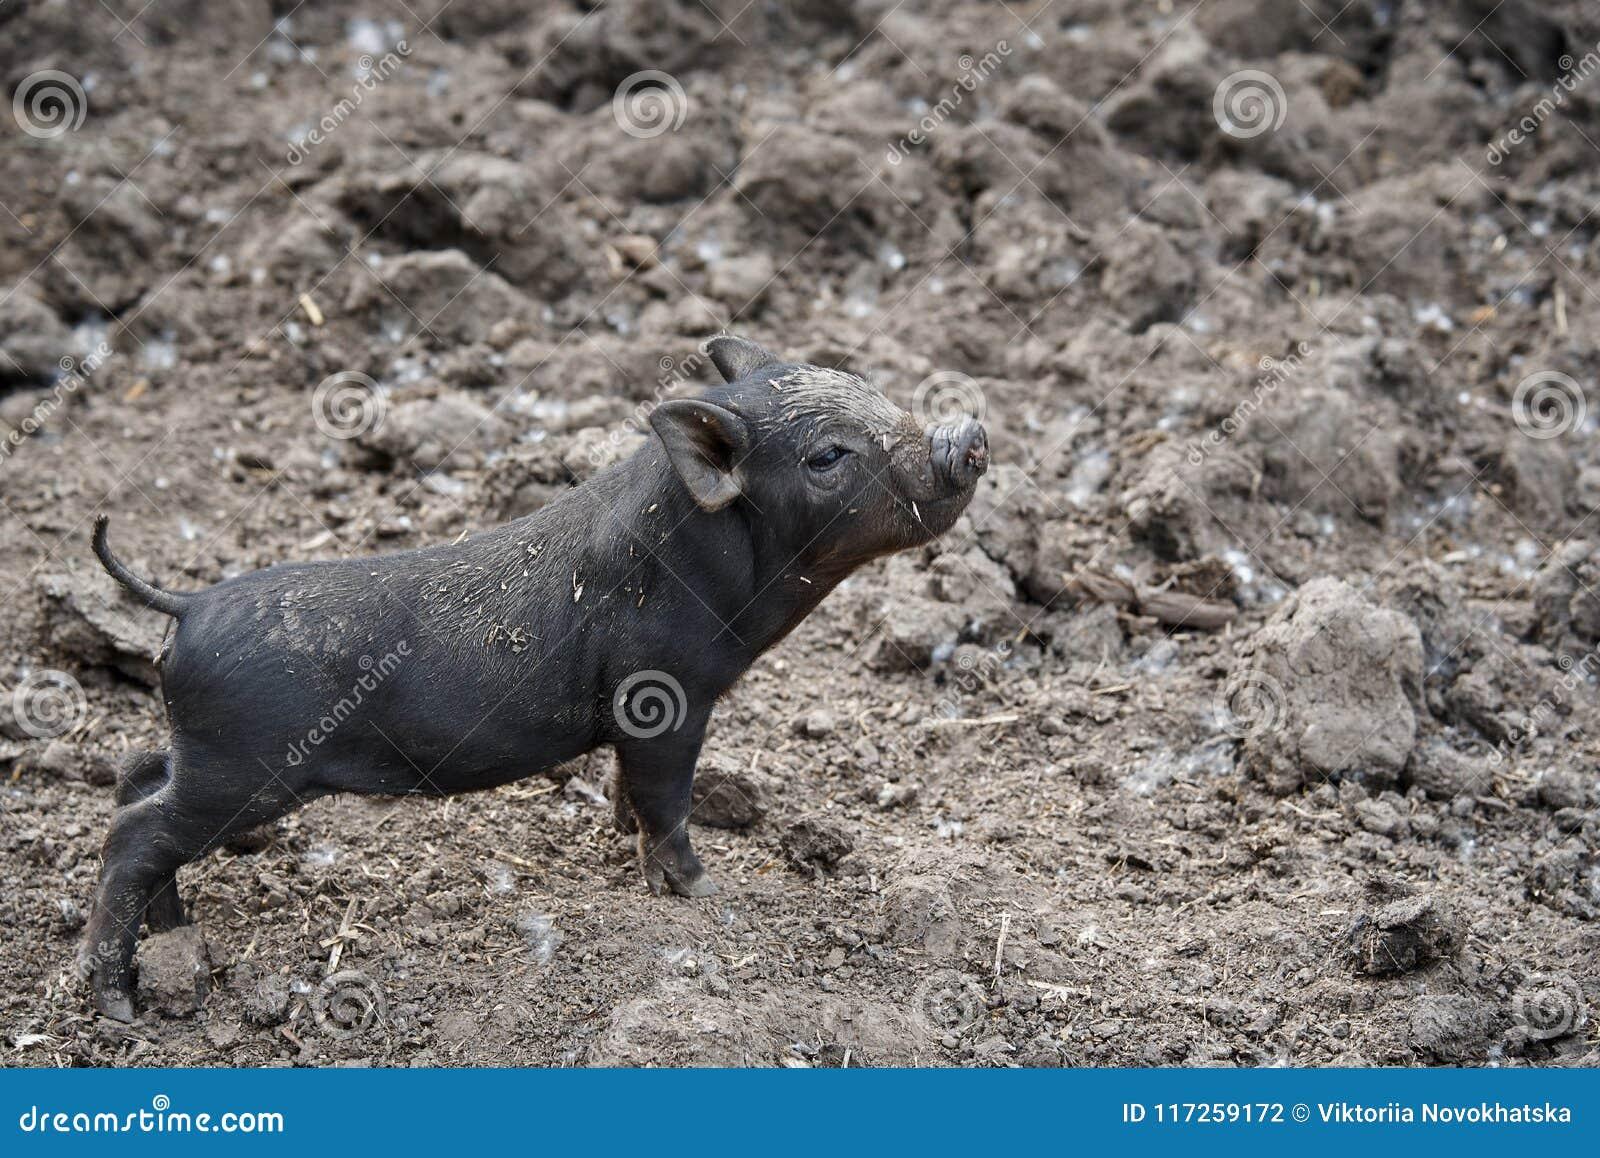 Klein zwart vuil trots varken